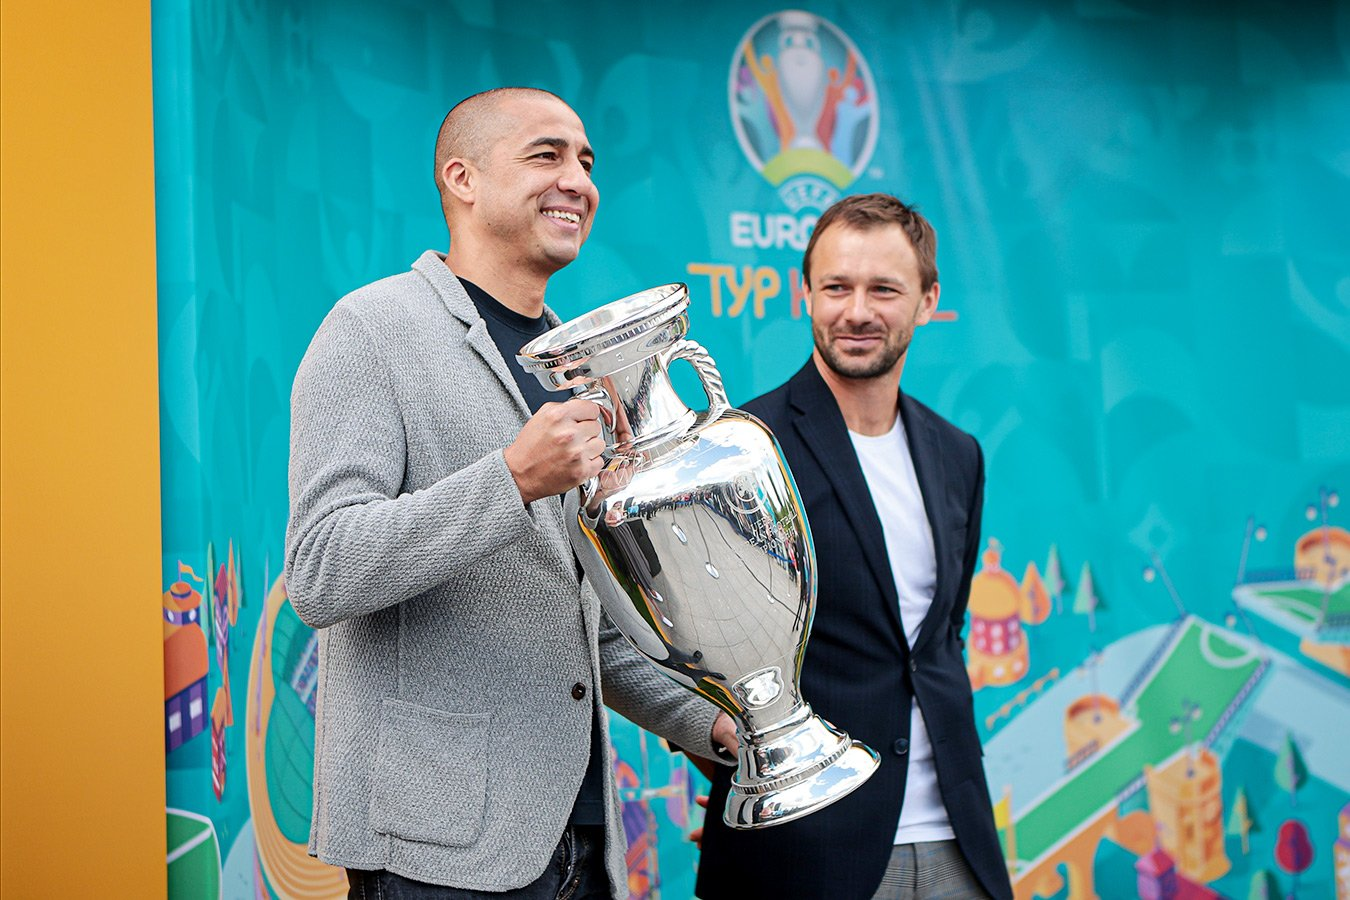 Давид Трезеге и Дмитрий Сычёв представили Кубок Европы в Москве. Лучшие фото с выставки